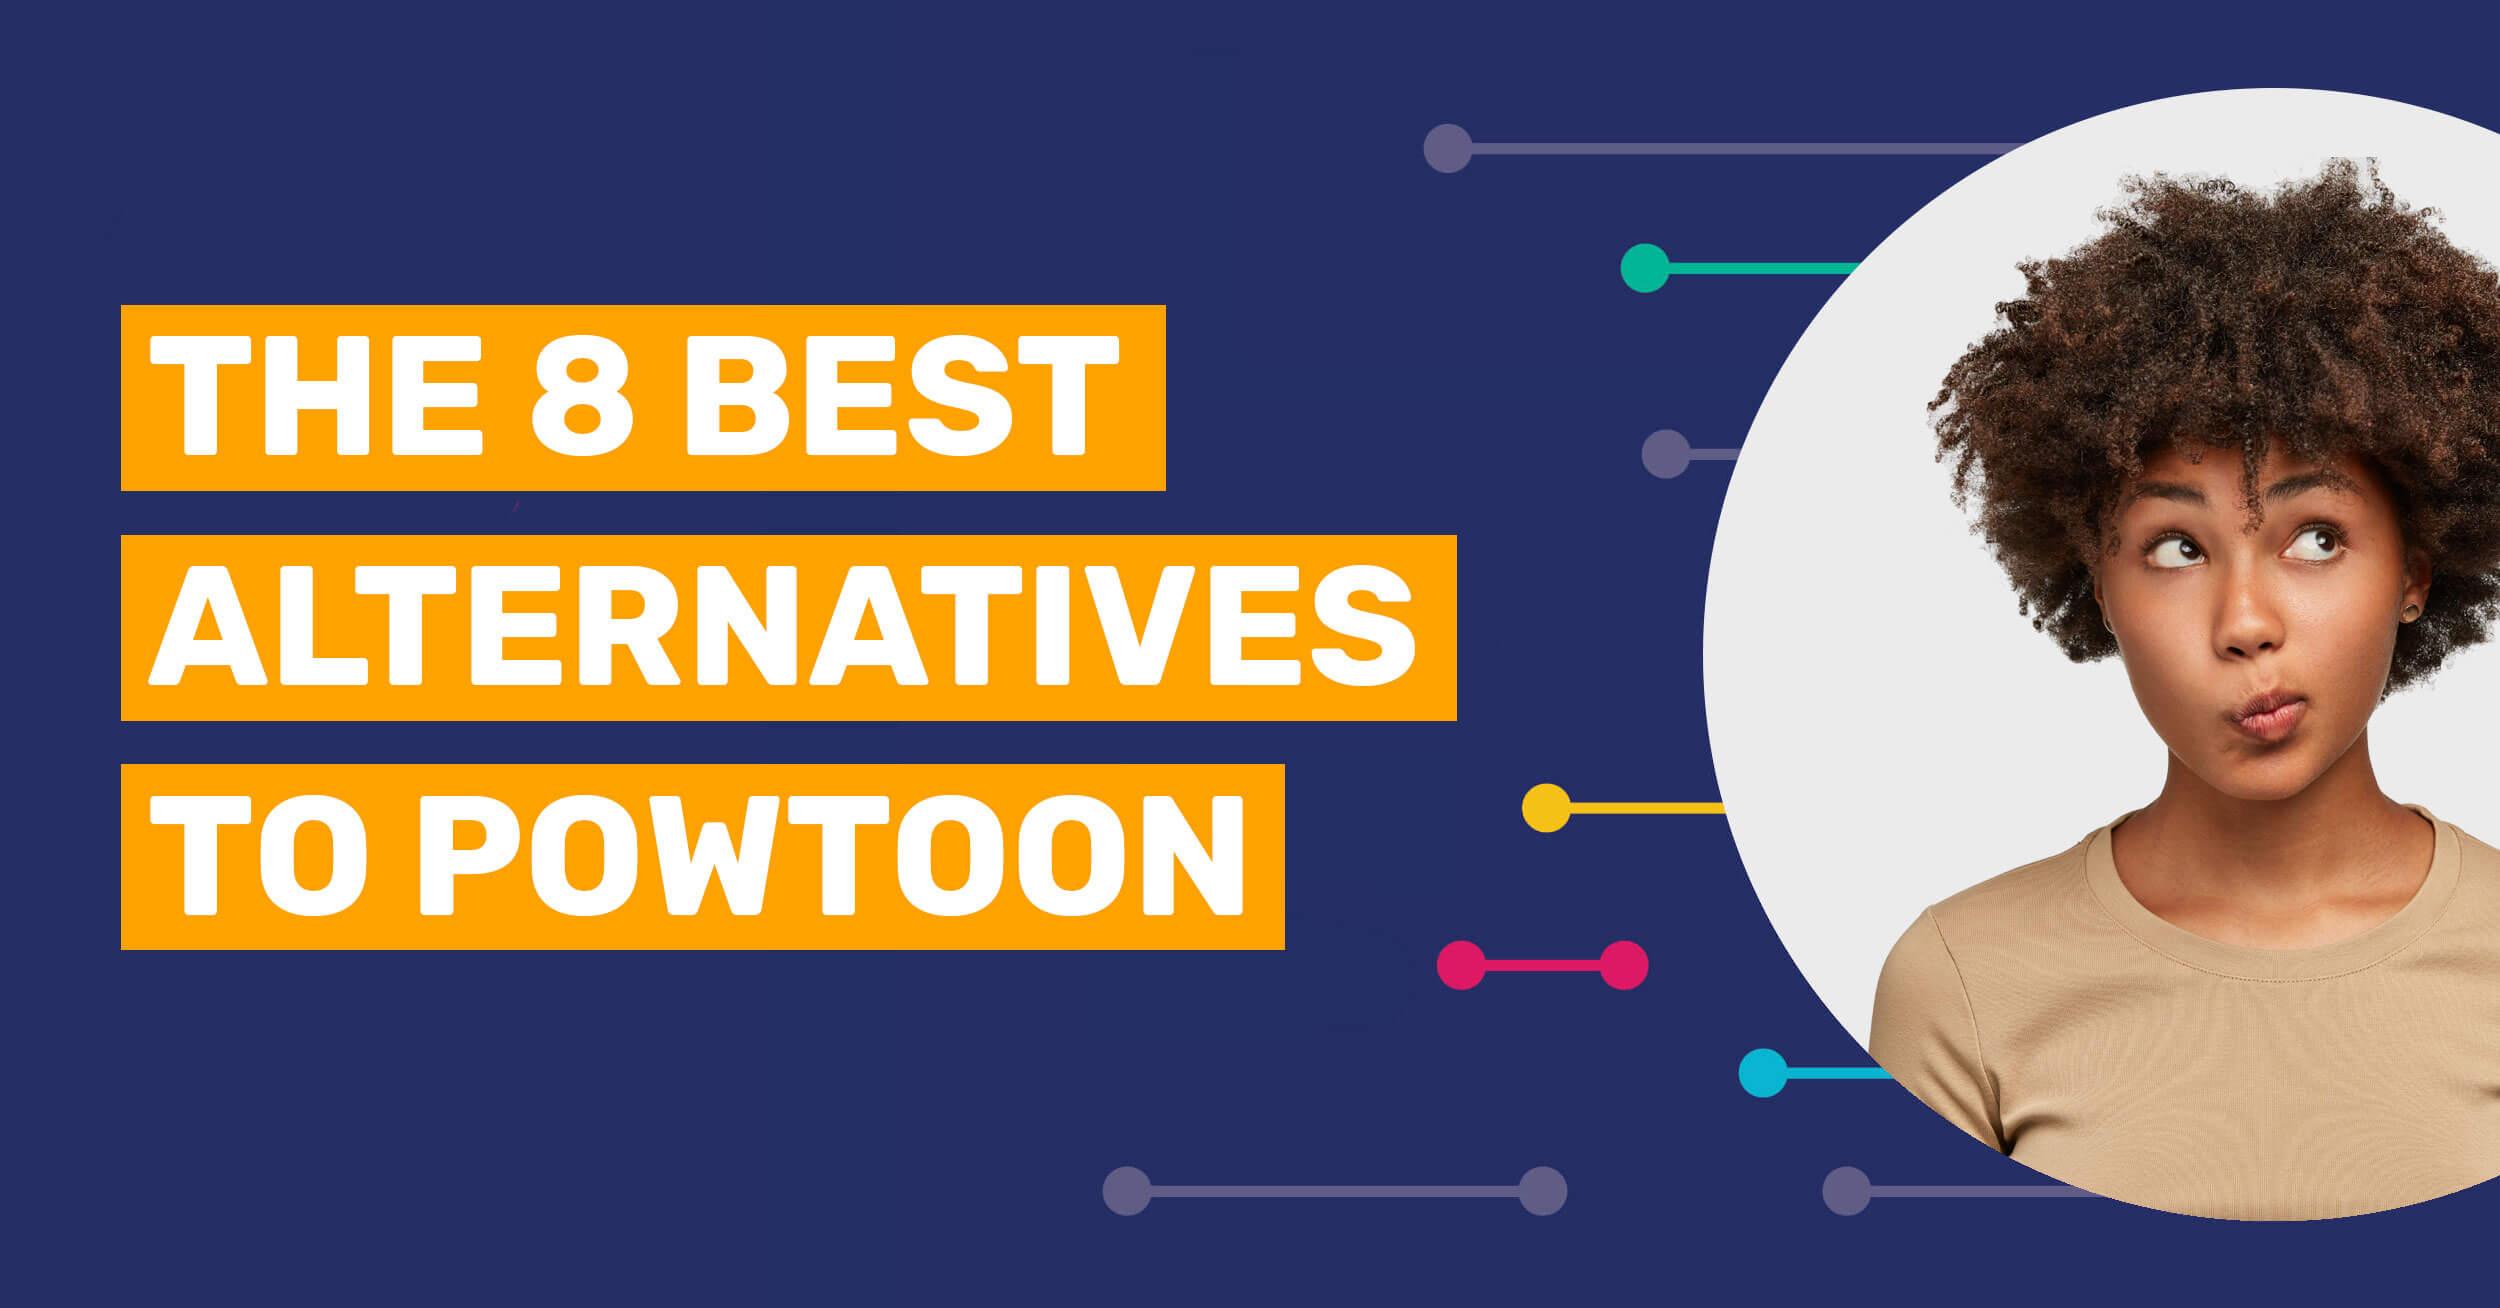 8 alternatives to powtoon